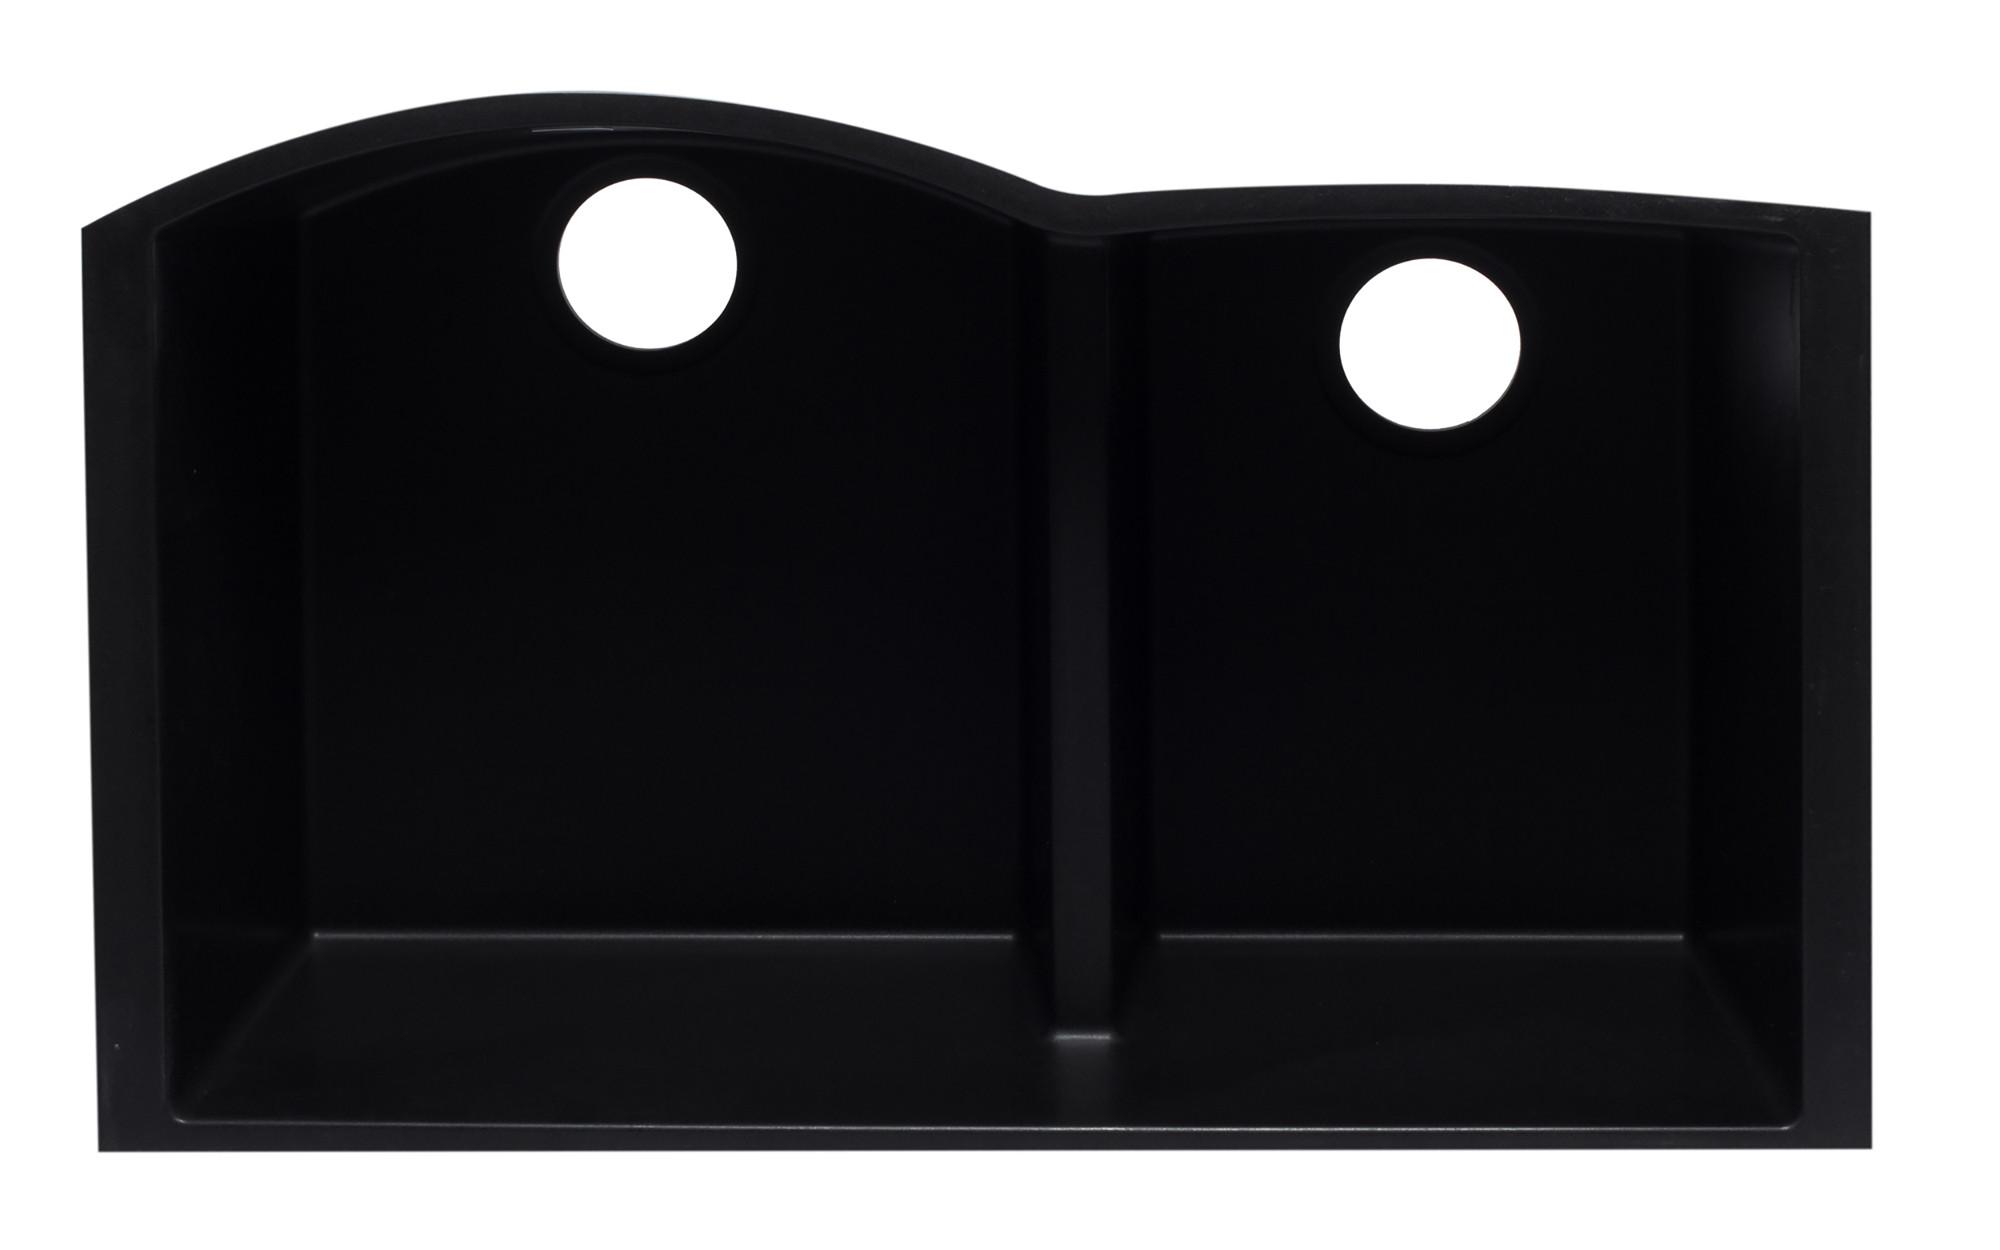 ALFI brand AB3320UM-BLA Black